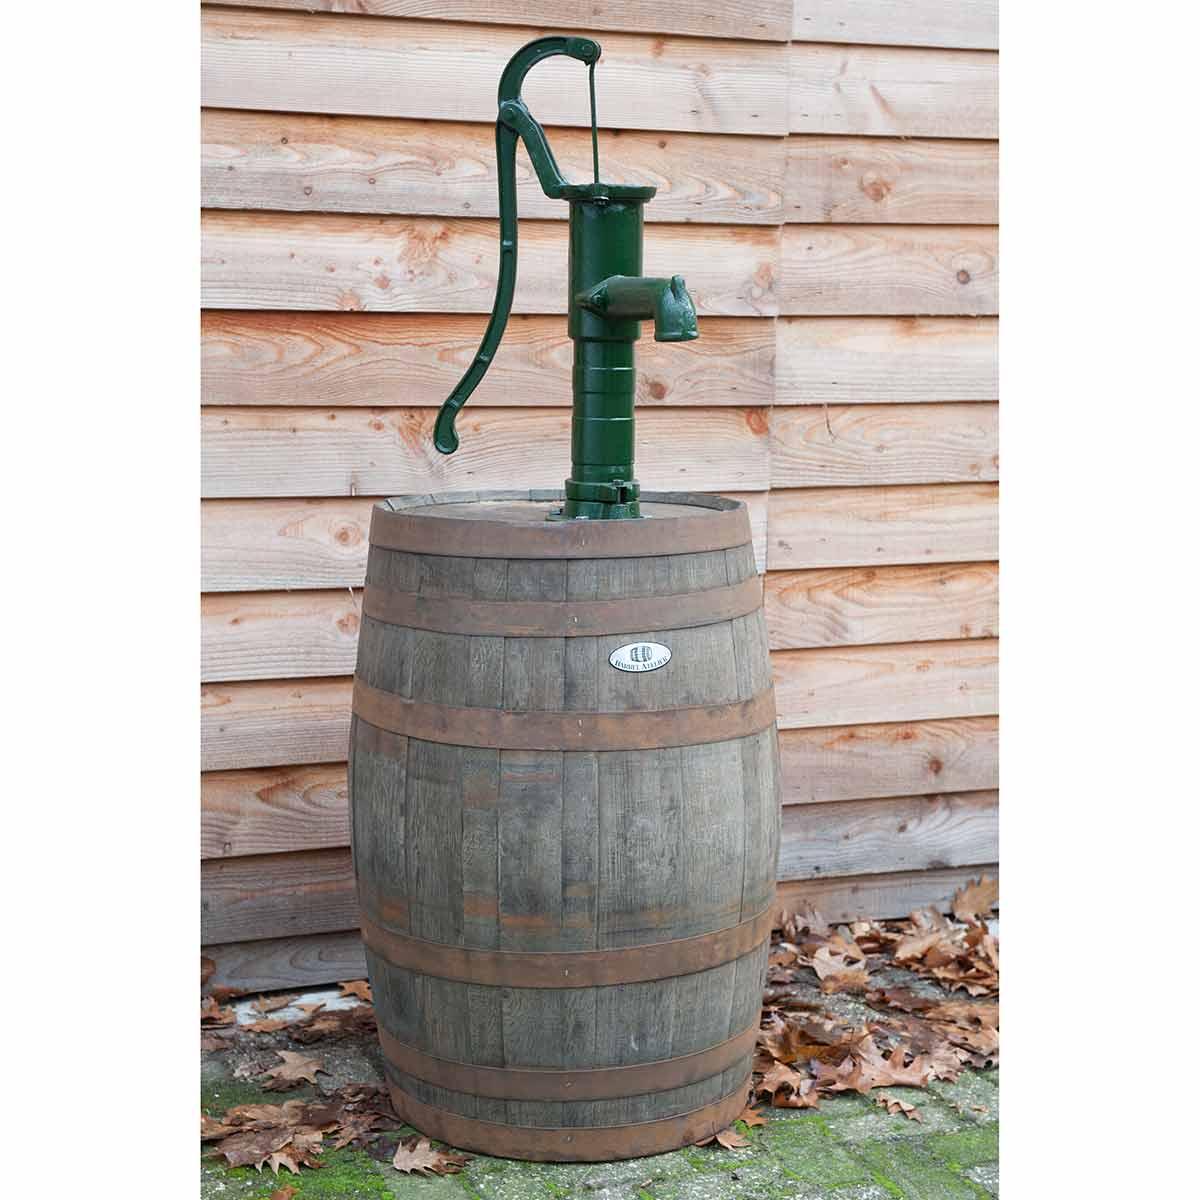 Whiskyfass mit Handschwengelpumpe, aus Holz/Gusseisen, D 600 x 1610 mm, 80 kg